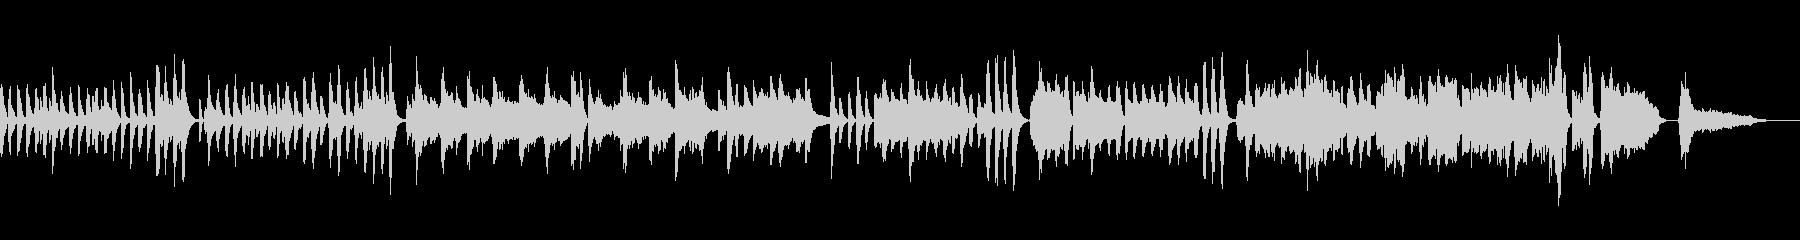 テンポのよい日常的な会話シーンの音楽の未再生の波形